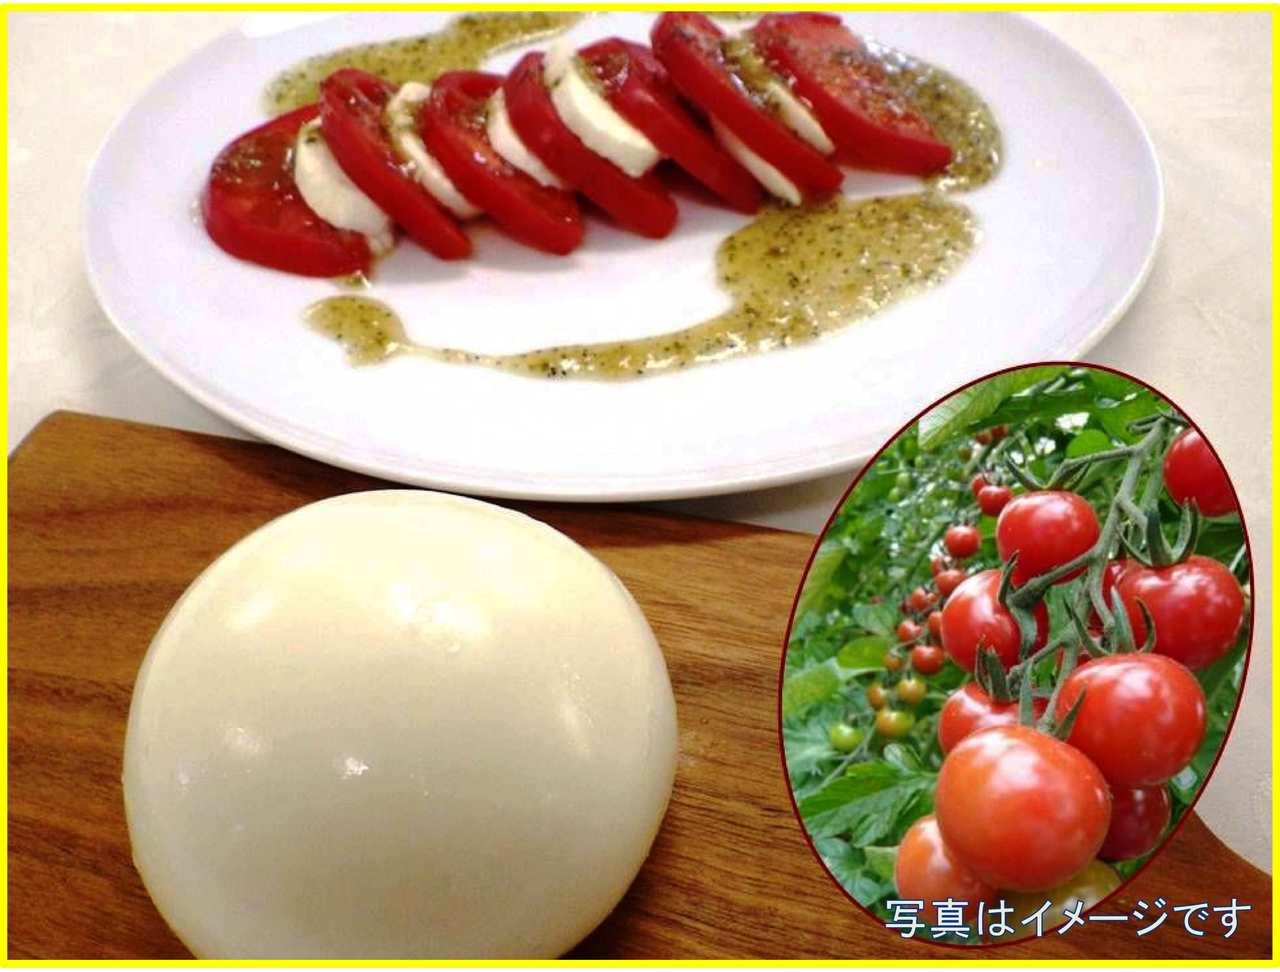 【ノースプレインファームさんに教わる】 モッツァレラチーズとストリングチーズを作ってみよう!(ミニトマト収穫付)